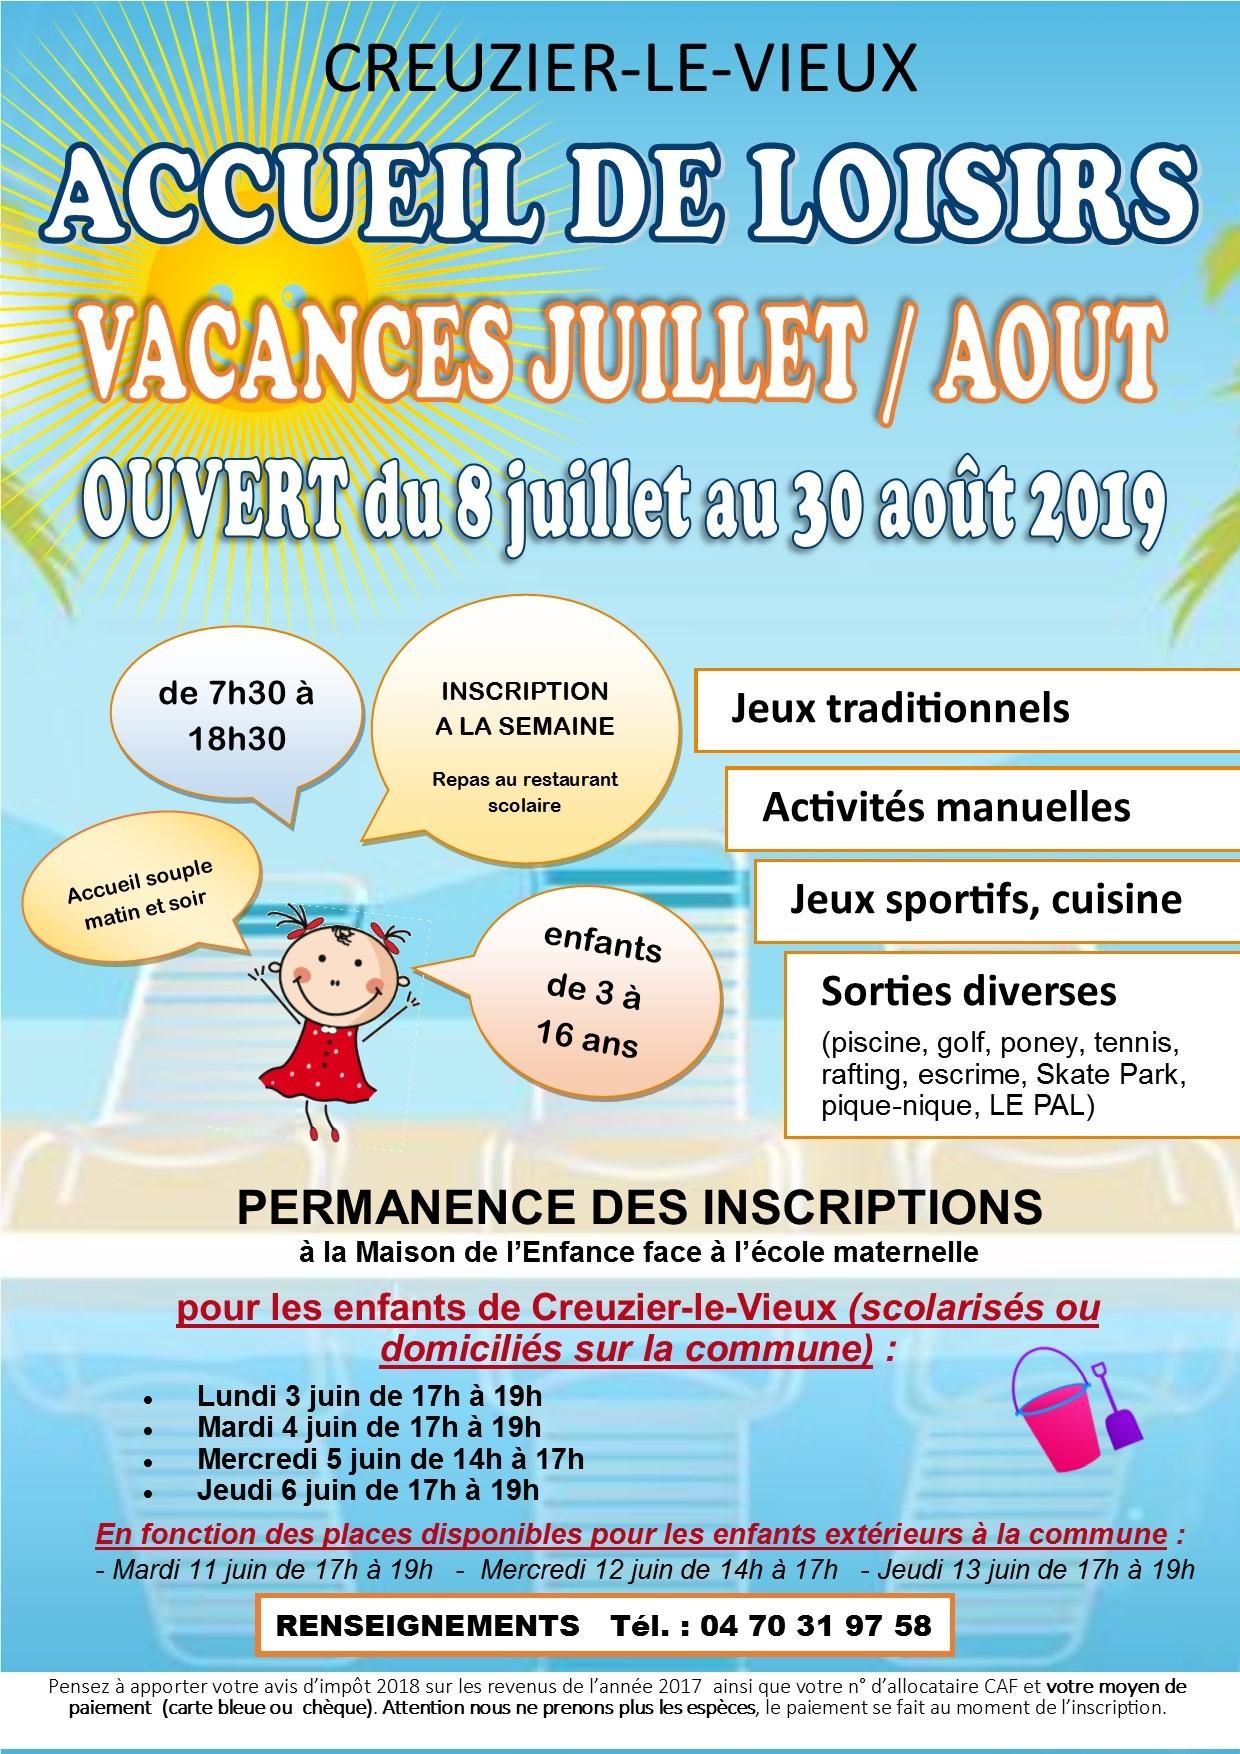 vacances juillet et août 2019